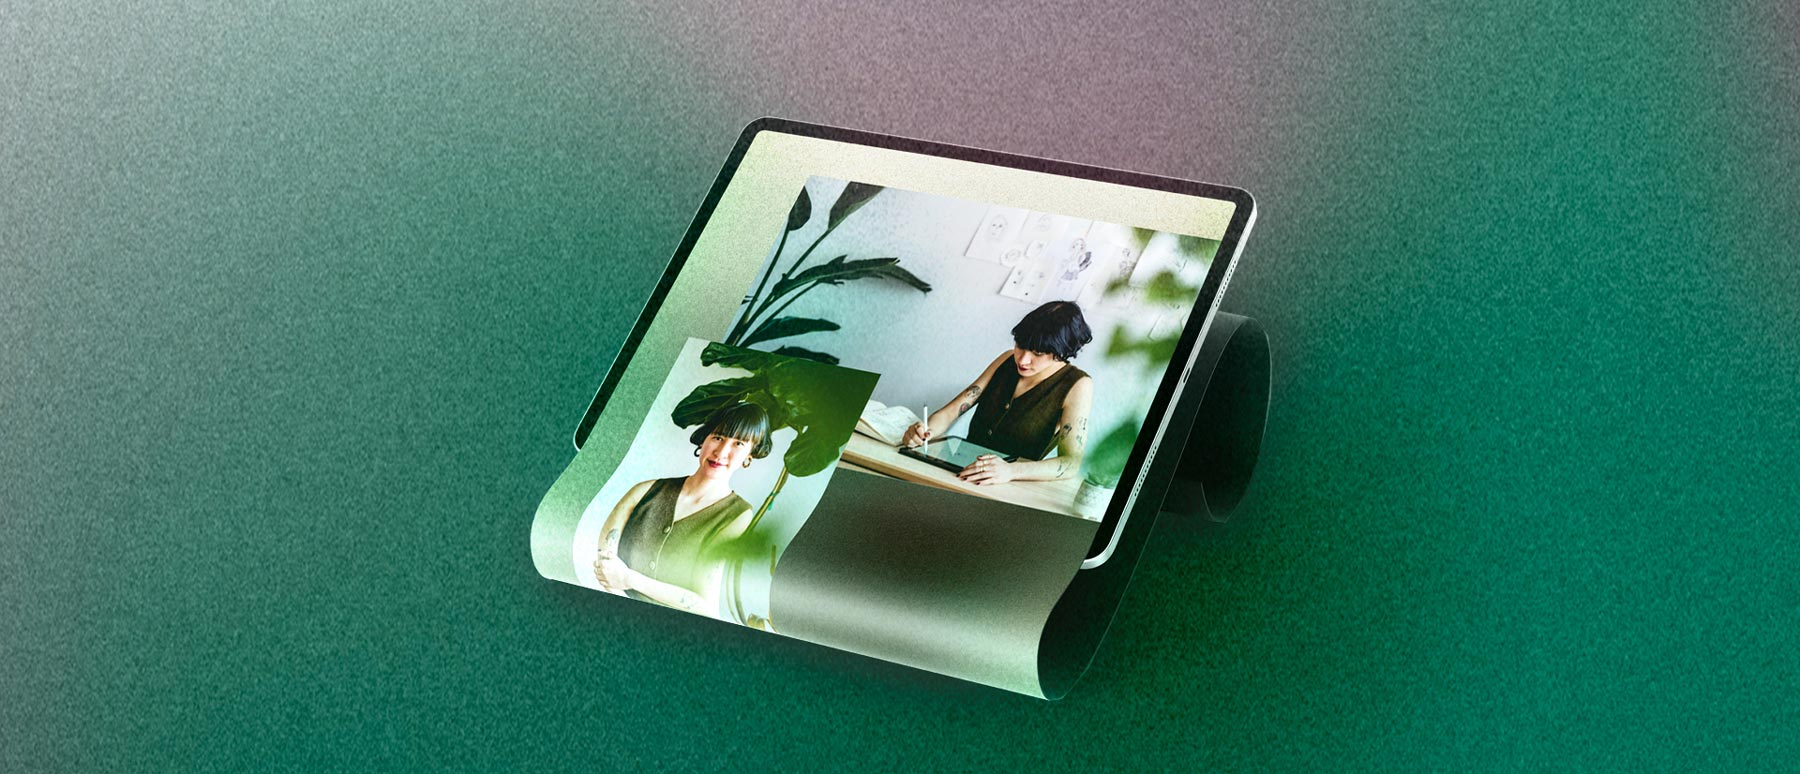 Ein Tablet auf grünem Hintergrund zeigt eine junge motivierte Unternehmerin.